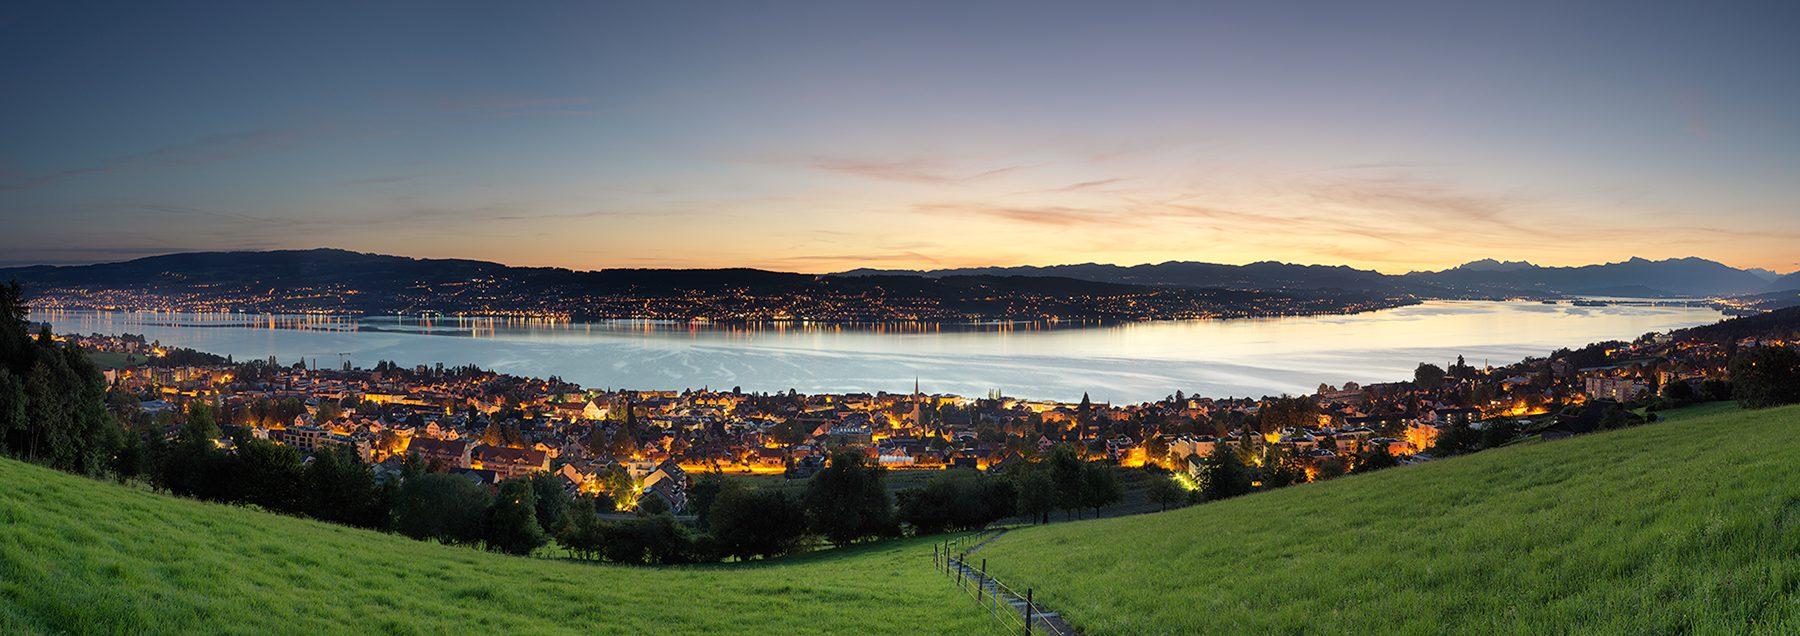 Sonnenaufgang, Wädenswil mit Blick auf den Zürichsee, Stefan, Männedorf, Säntis